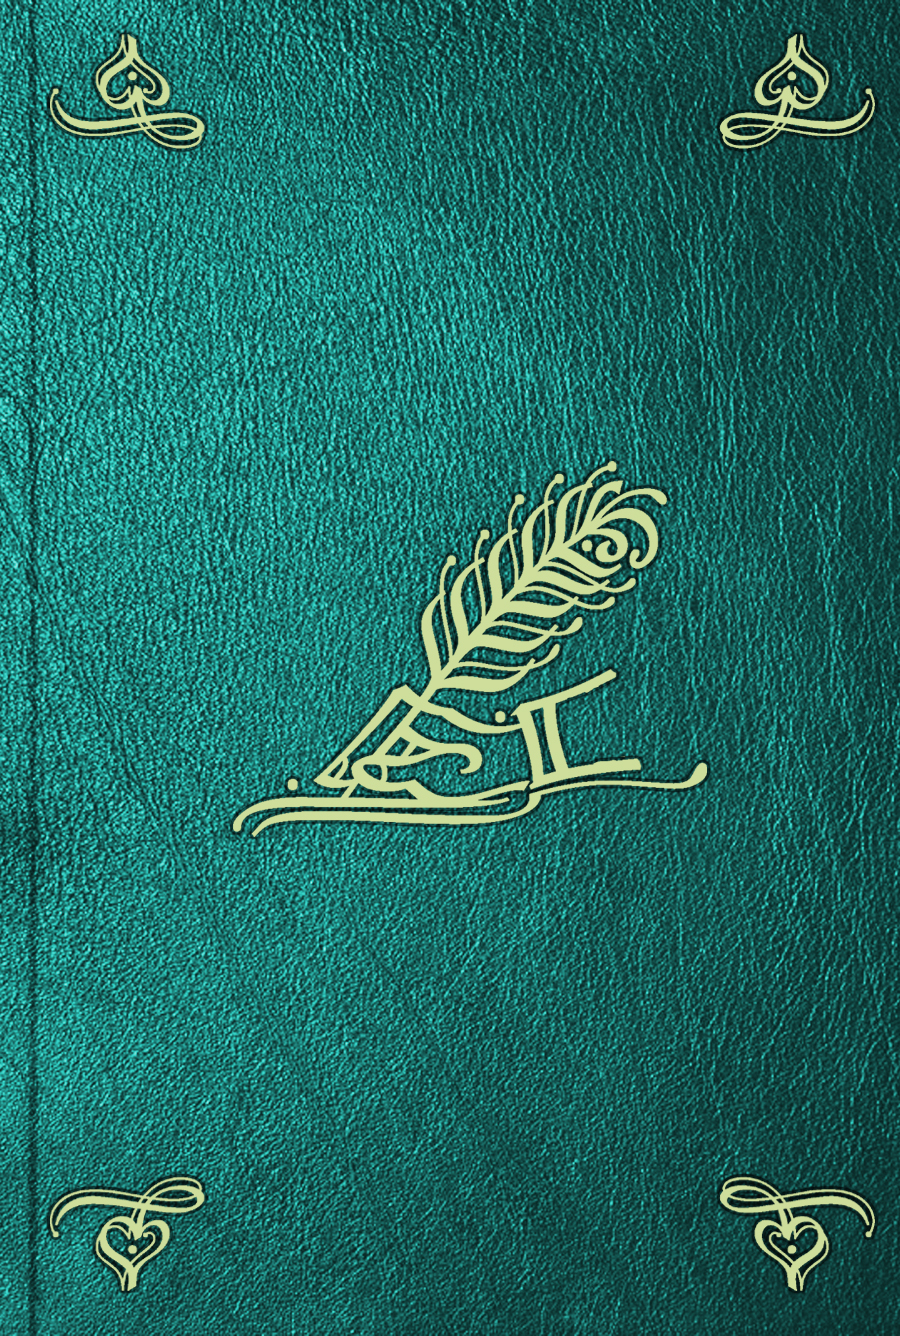 Leopold von Buch Reise durch Norwegen und Lappland. T. 1 leopold von buch geognostische beobachtungen auf reisen durch deutschland und italien